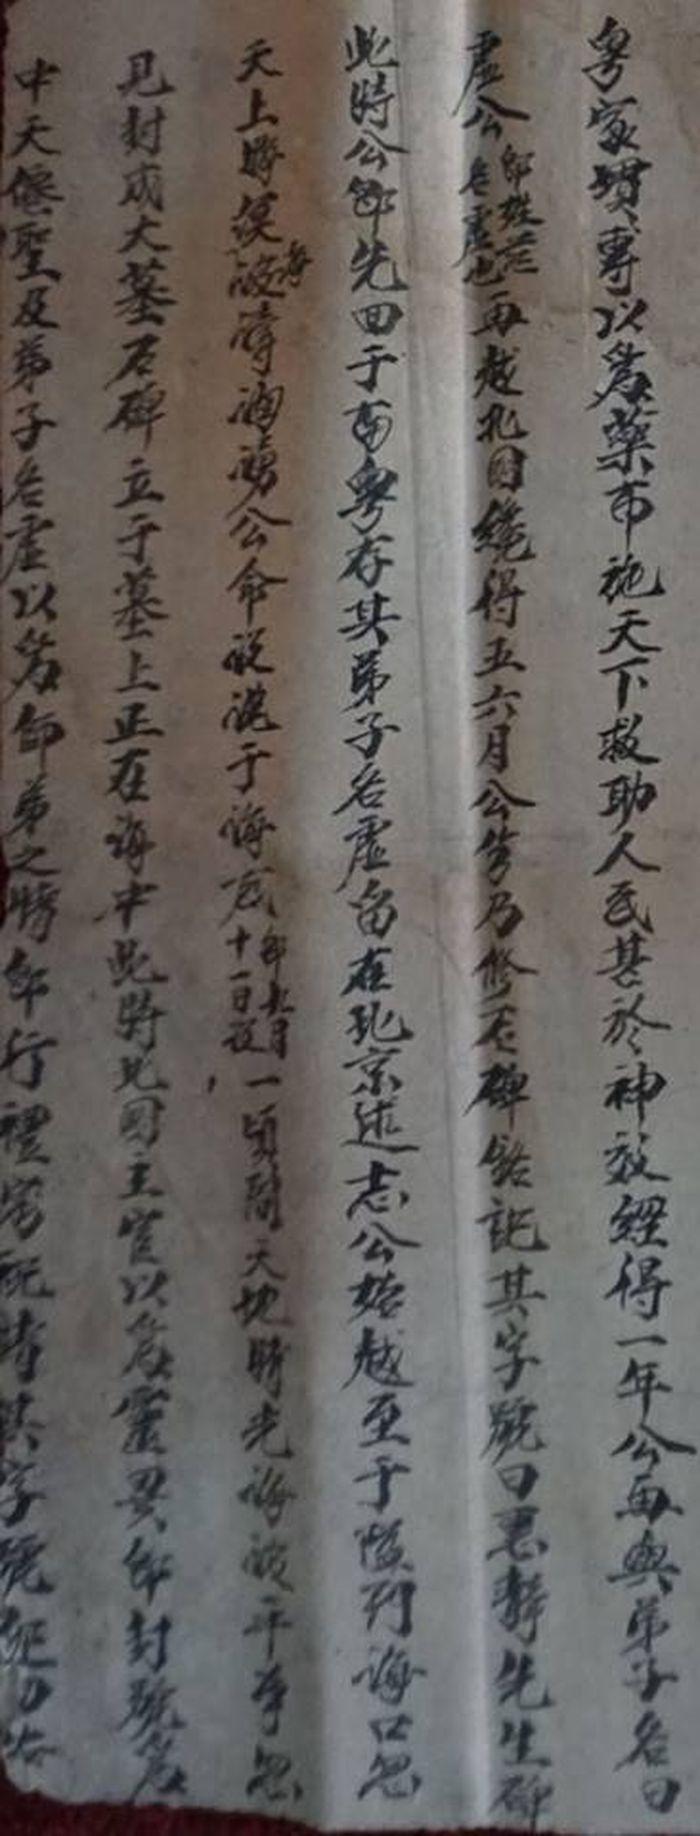 Các nhà khoa bảng họ Đặng Việt Nam 3_46040